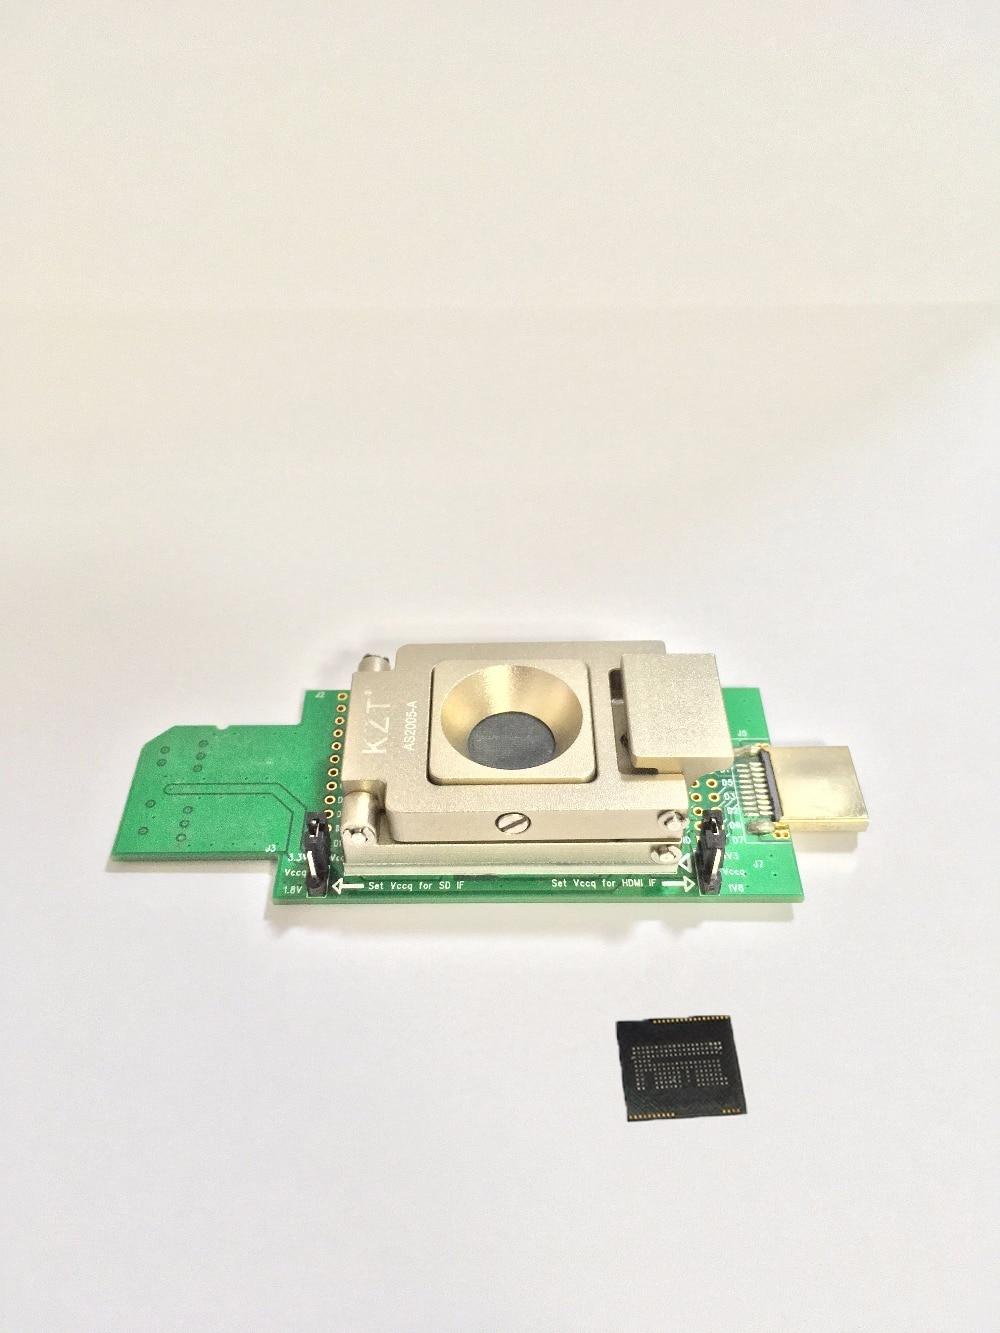 SD Lettore Di Interfaccia Per EMCP162/BGA186 Presa/adattatore Per USB--HDMI Di Recupero Di Dati Con La Lega A Conchiglia Adattatore Di Programmazione